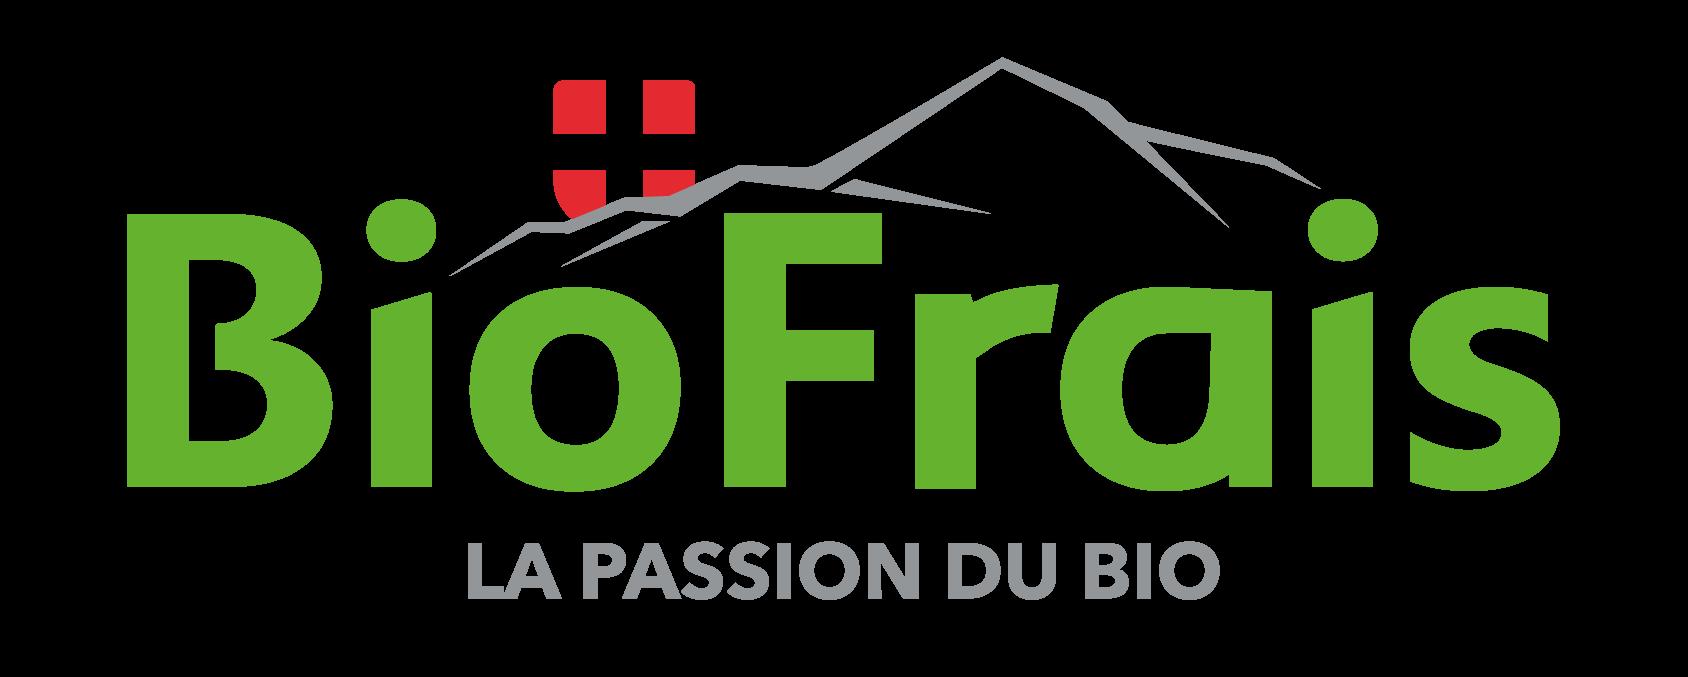 Logo biofrais